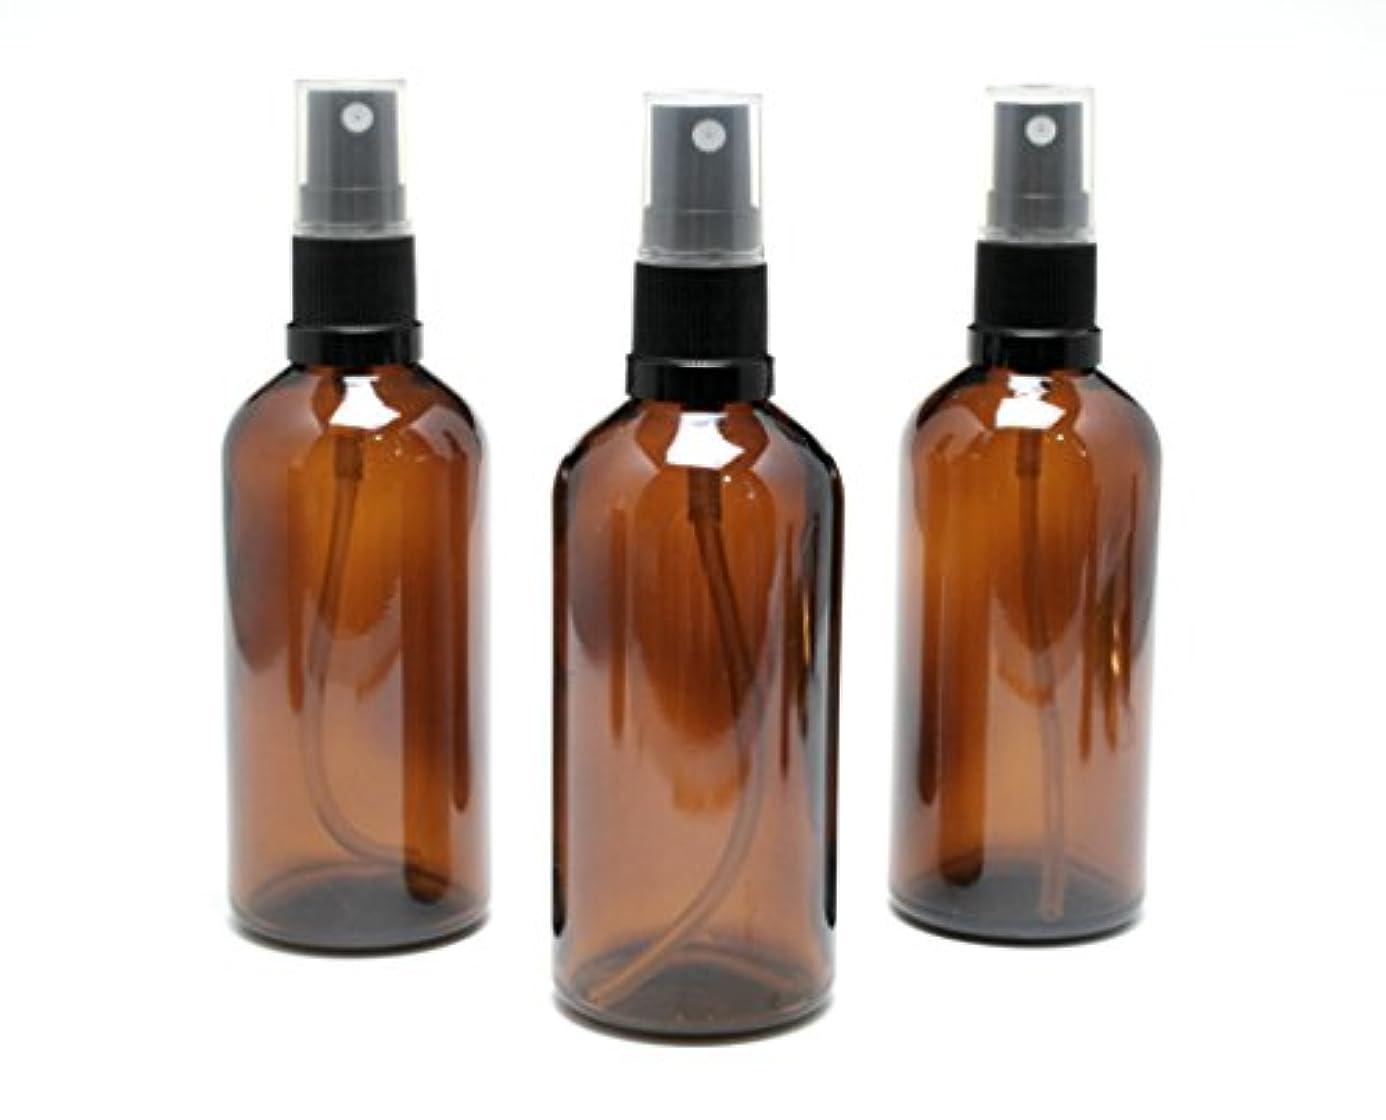 電化する修理可能シーサイド遮光瓶 スプレーボトル 100ml アンバー/ブラックヘッド(グラス/アトマイザー) 【新品アウトレット商品 】 (1) 3本セット)